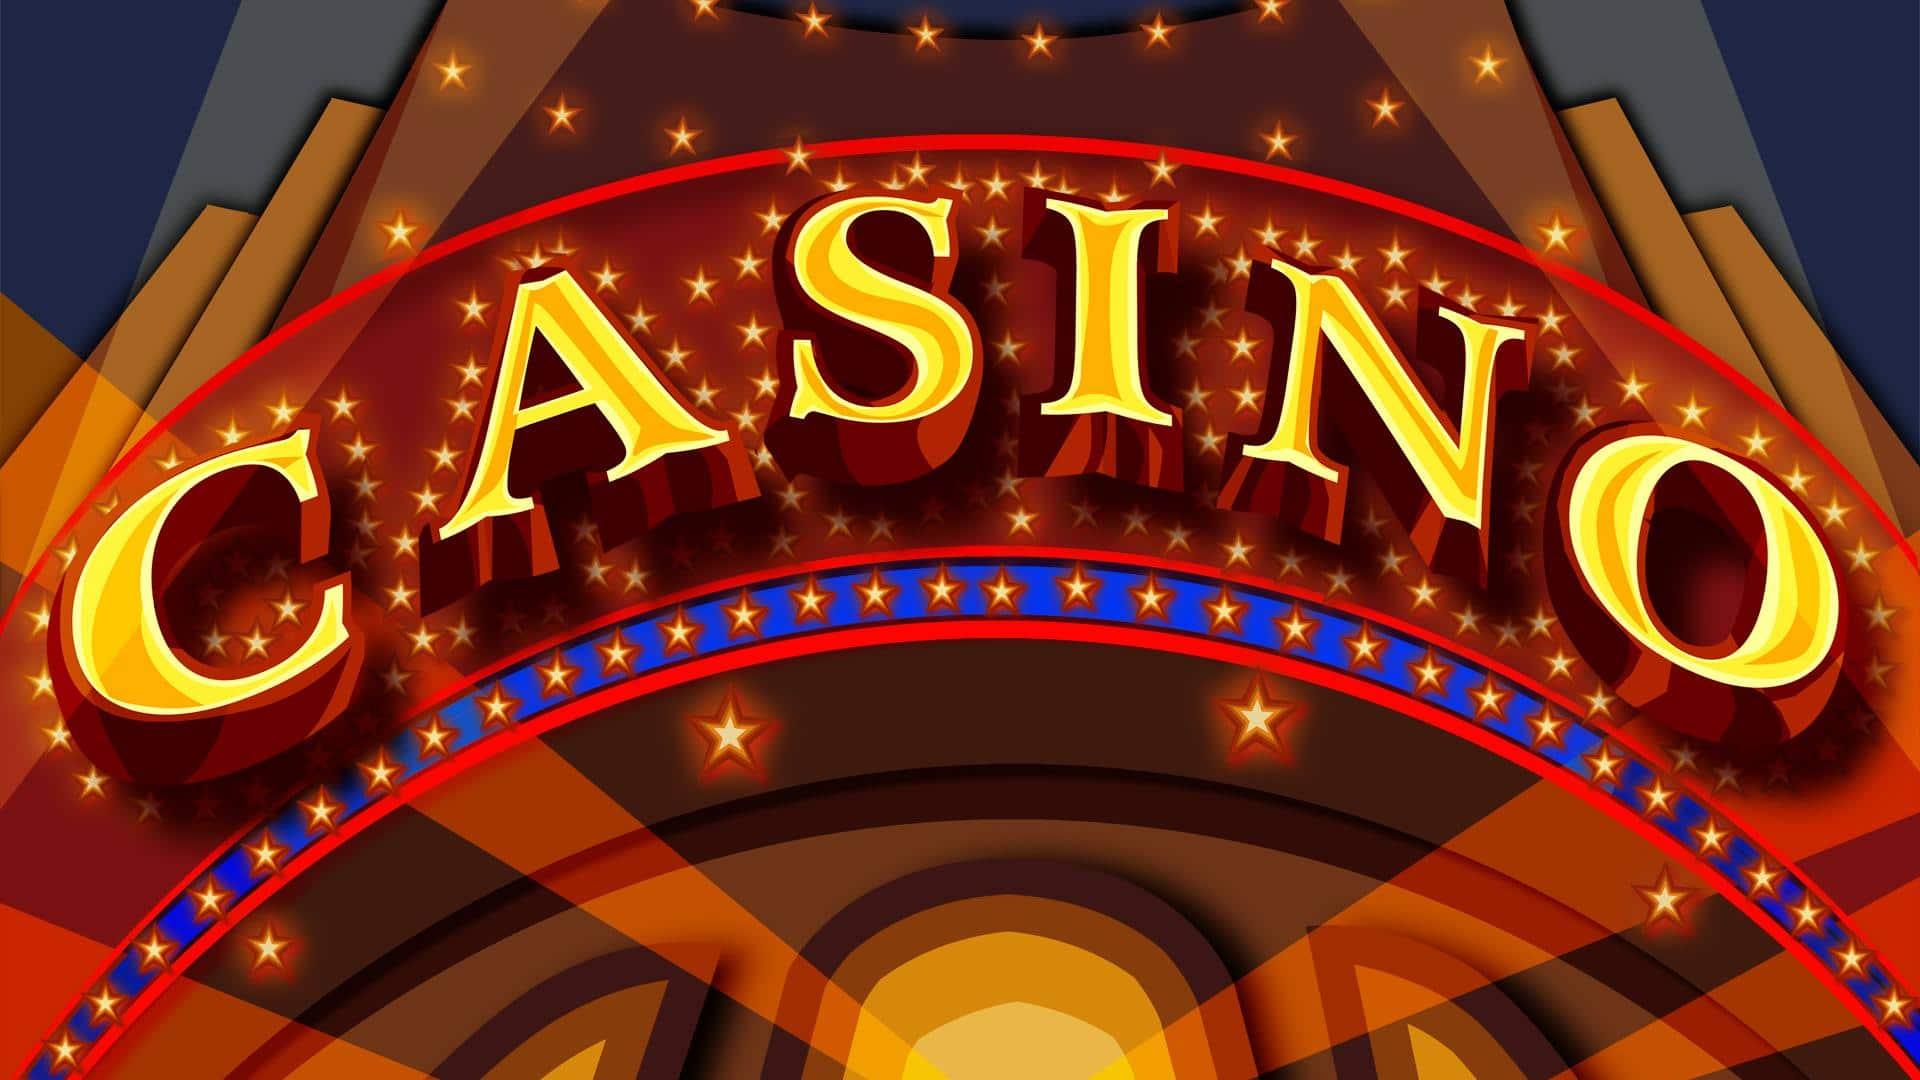 Casino en ligne : Vous avez envie de jouer aux jeux de casino ? Je vous en dis plus sur le sujet